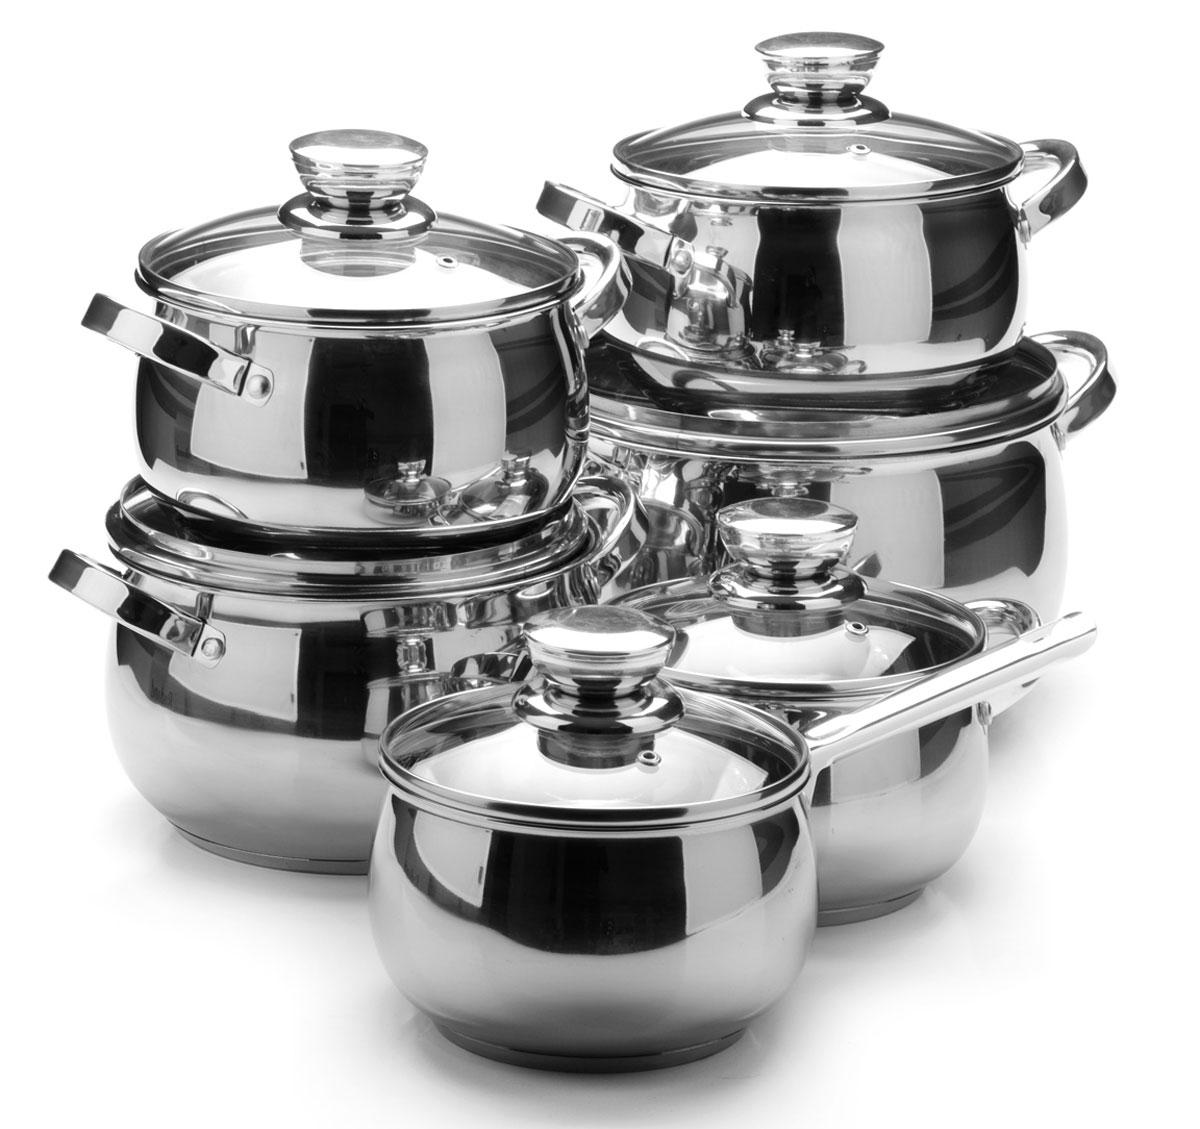 Набор посуды станет отличным дополнением к набору кухонной утвари. С его приобретением приготовление ваших любимых блюд перейдет на качественно новый уровень и вы сможете воплотить в жизнь любые кулинарные идеи. В комплект входят 12 предметов: сотейник (объем 2,1 л), 3 кастрюли (объем 2,1, 3,9, 6,6 л) и 2 кастрюли ( объем 2,9 л), 6 крышек. Набор многофункционален и удобен в использовании, подойдет для варки супов, приготовления блюд из мяса и рыбы, гарниров, соусов т. д.